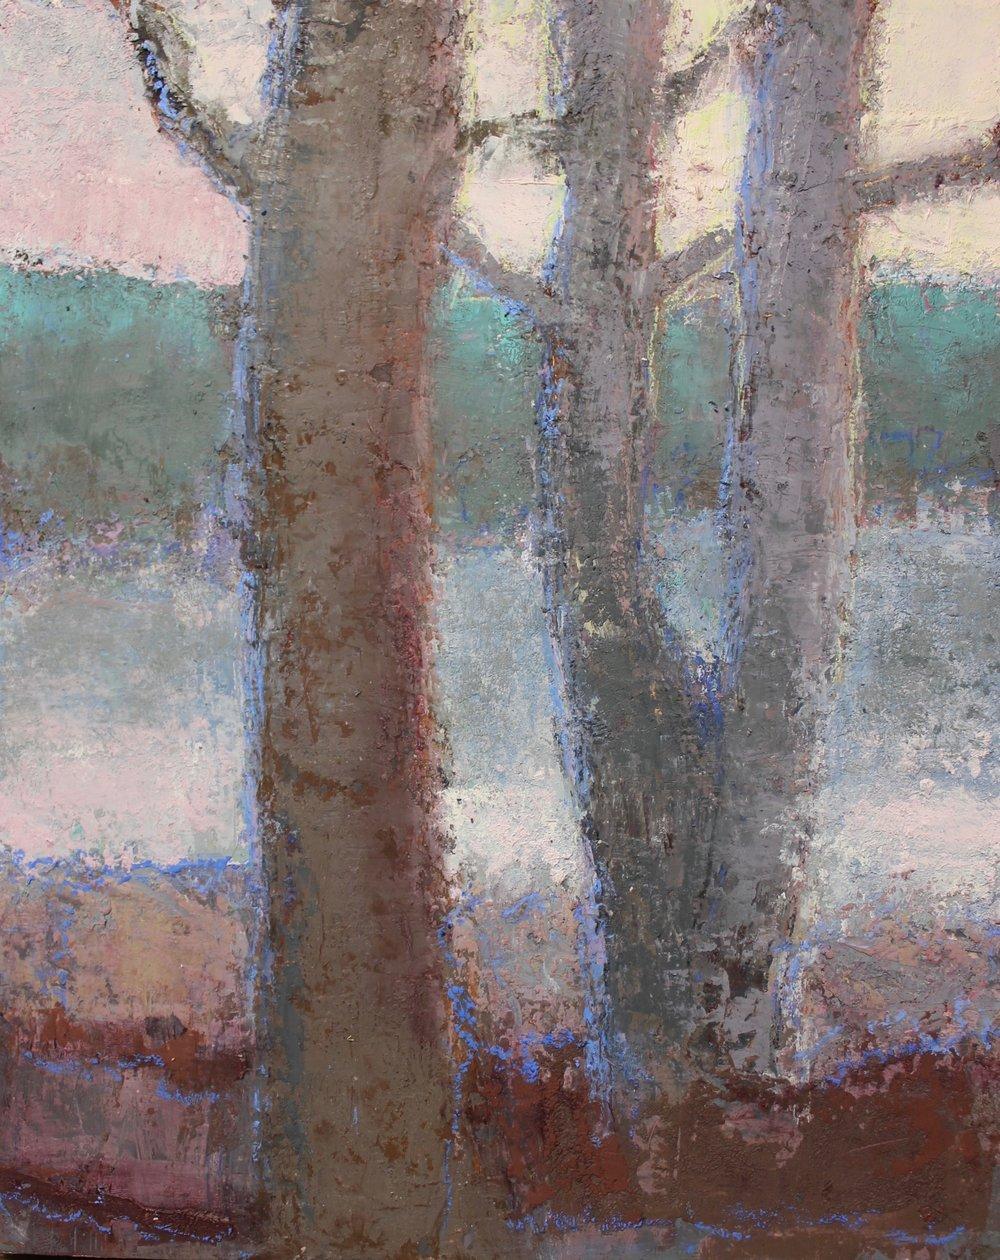 Tree Bones 4